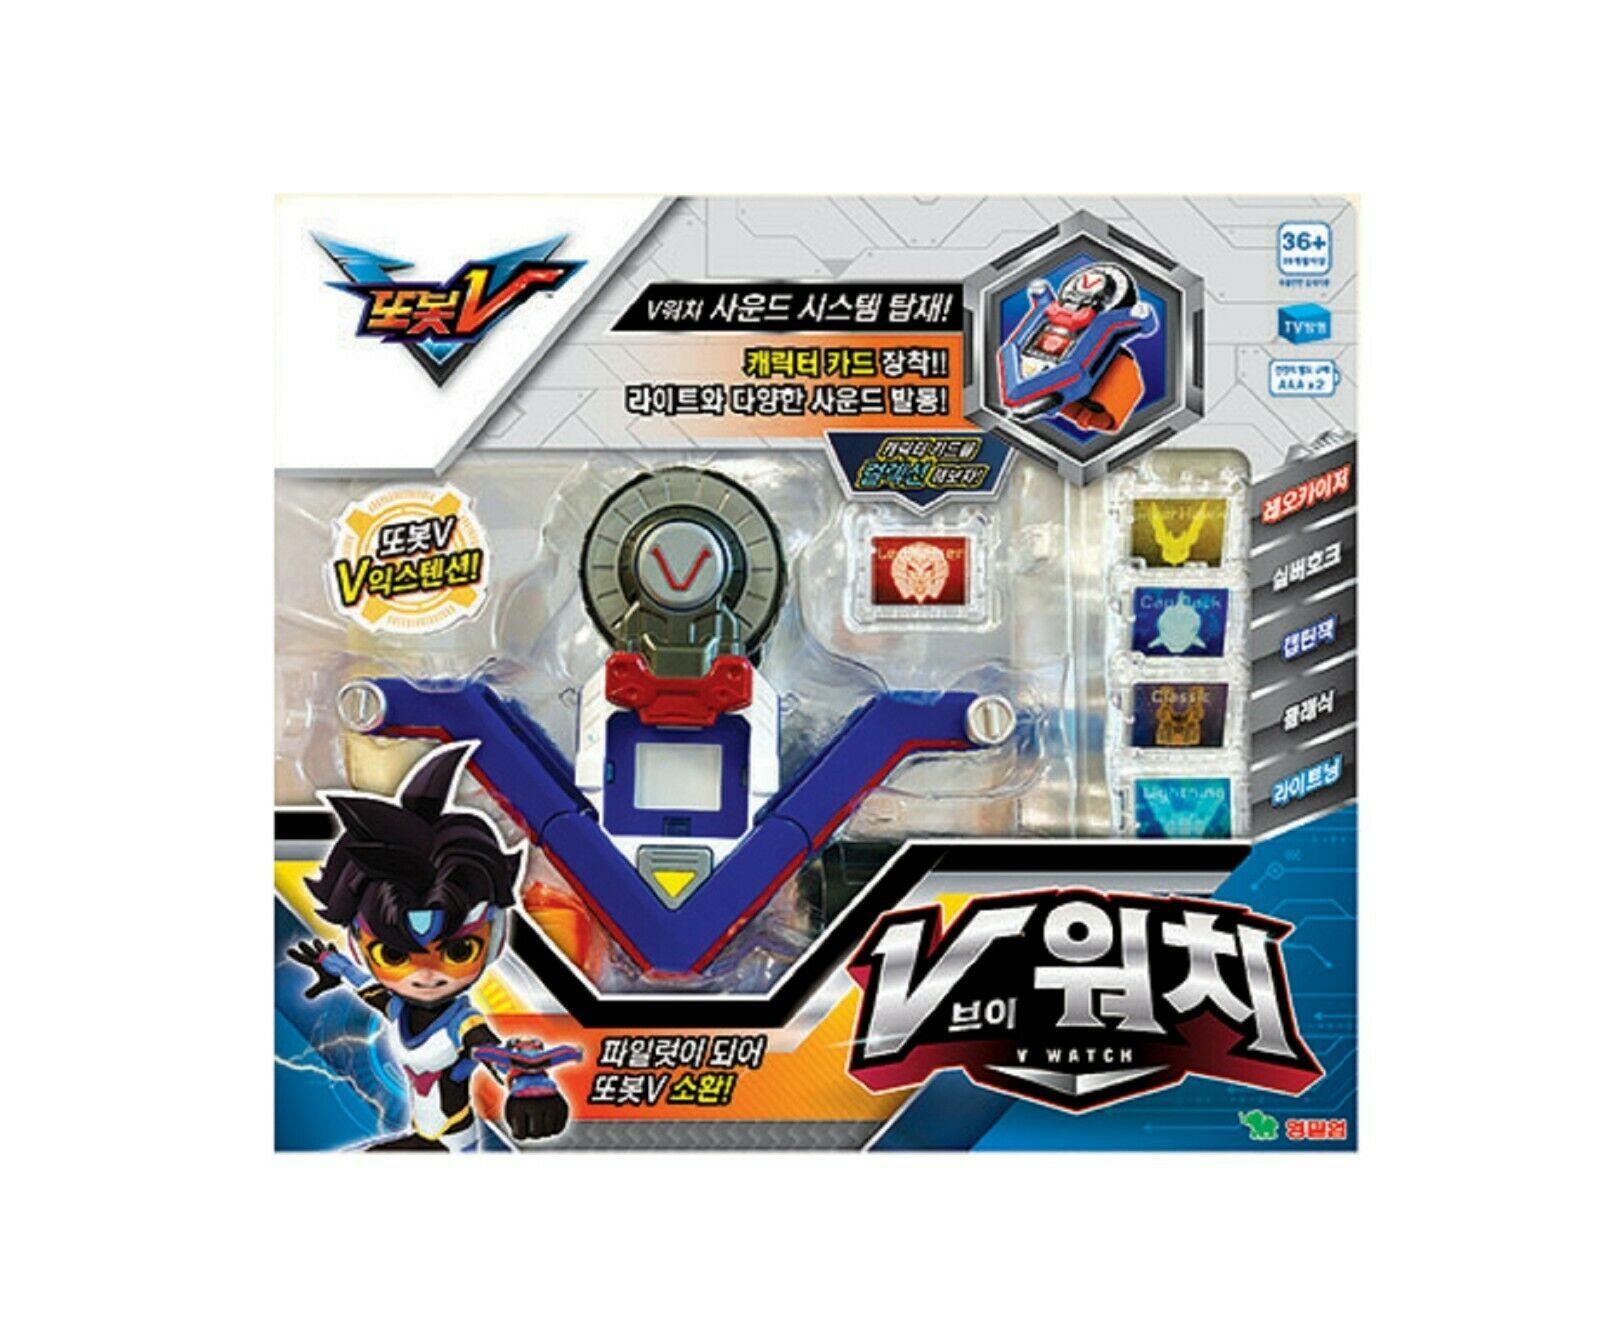 Tobot V Watch Season 2 Sound Toy Playset